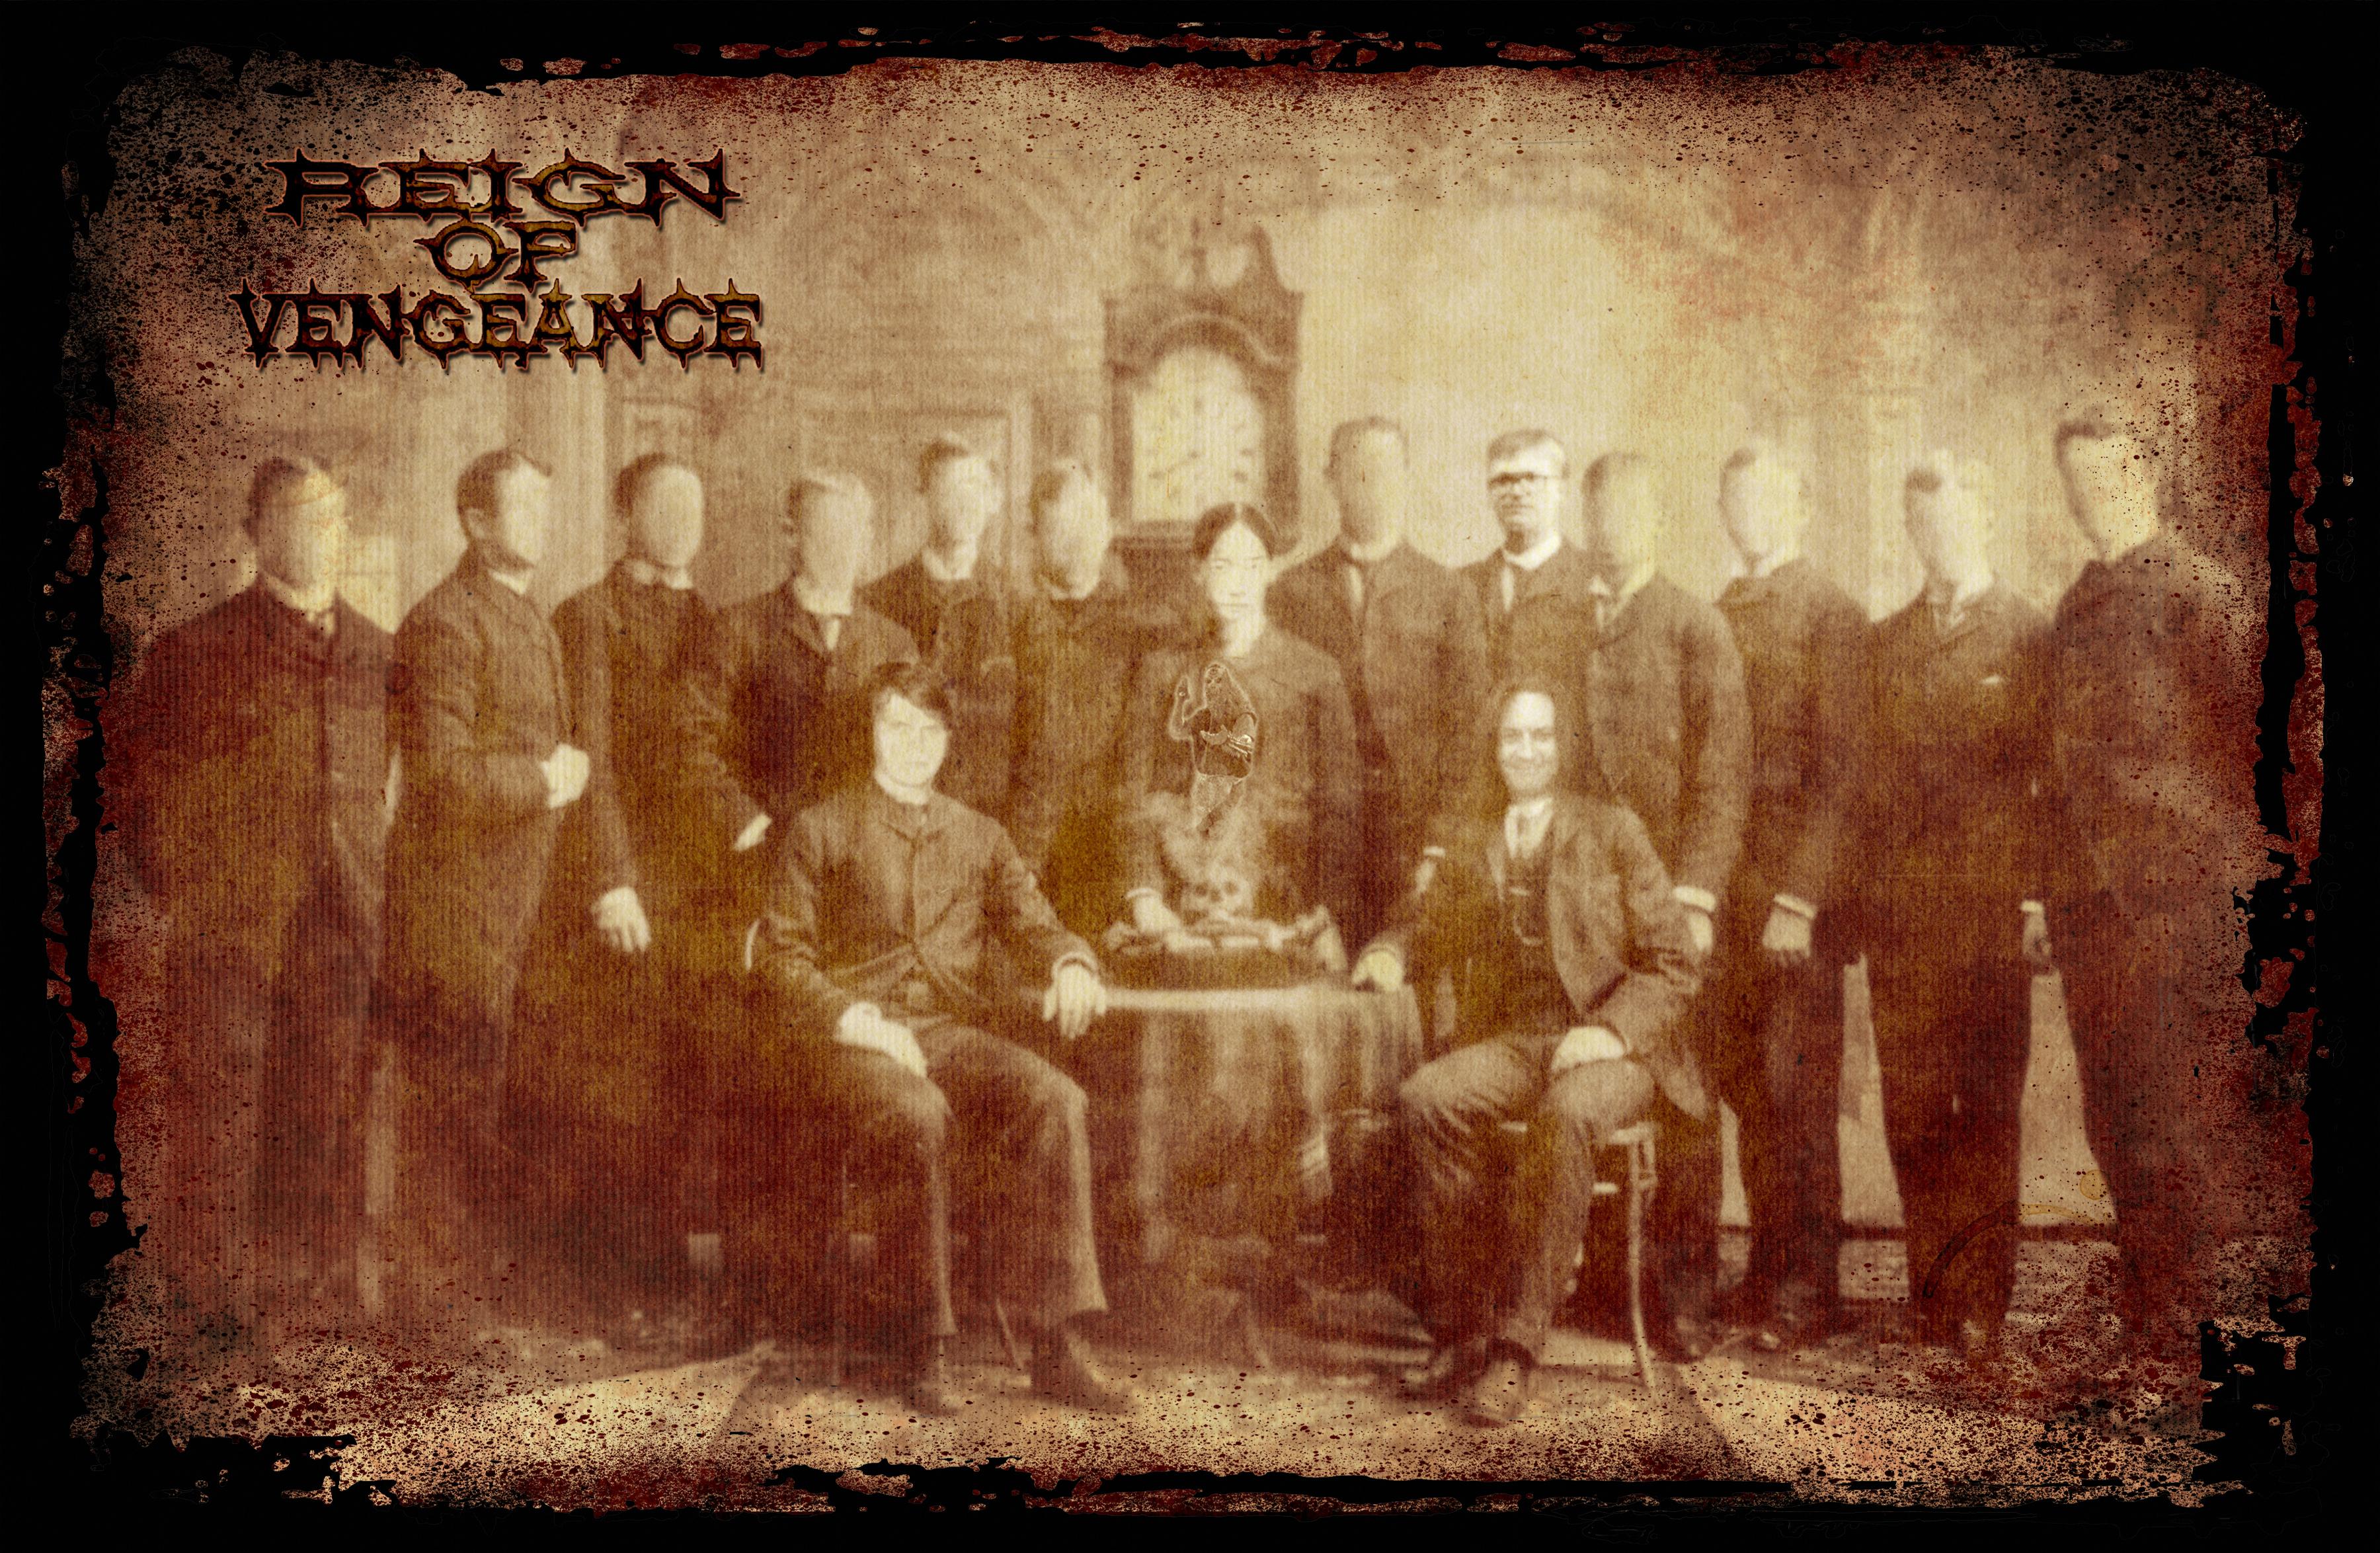 Them Good Ole' Boys REIGN OF VENGEANCE color.jpg